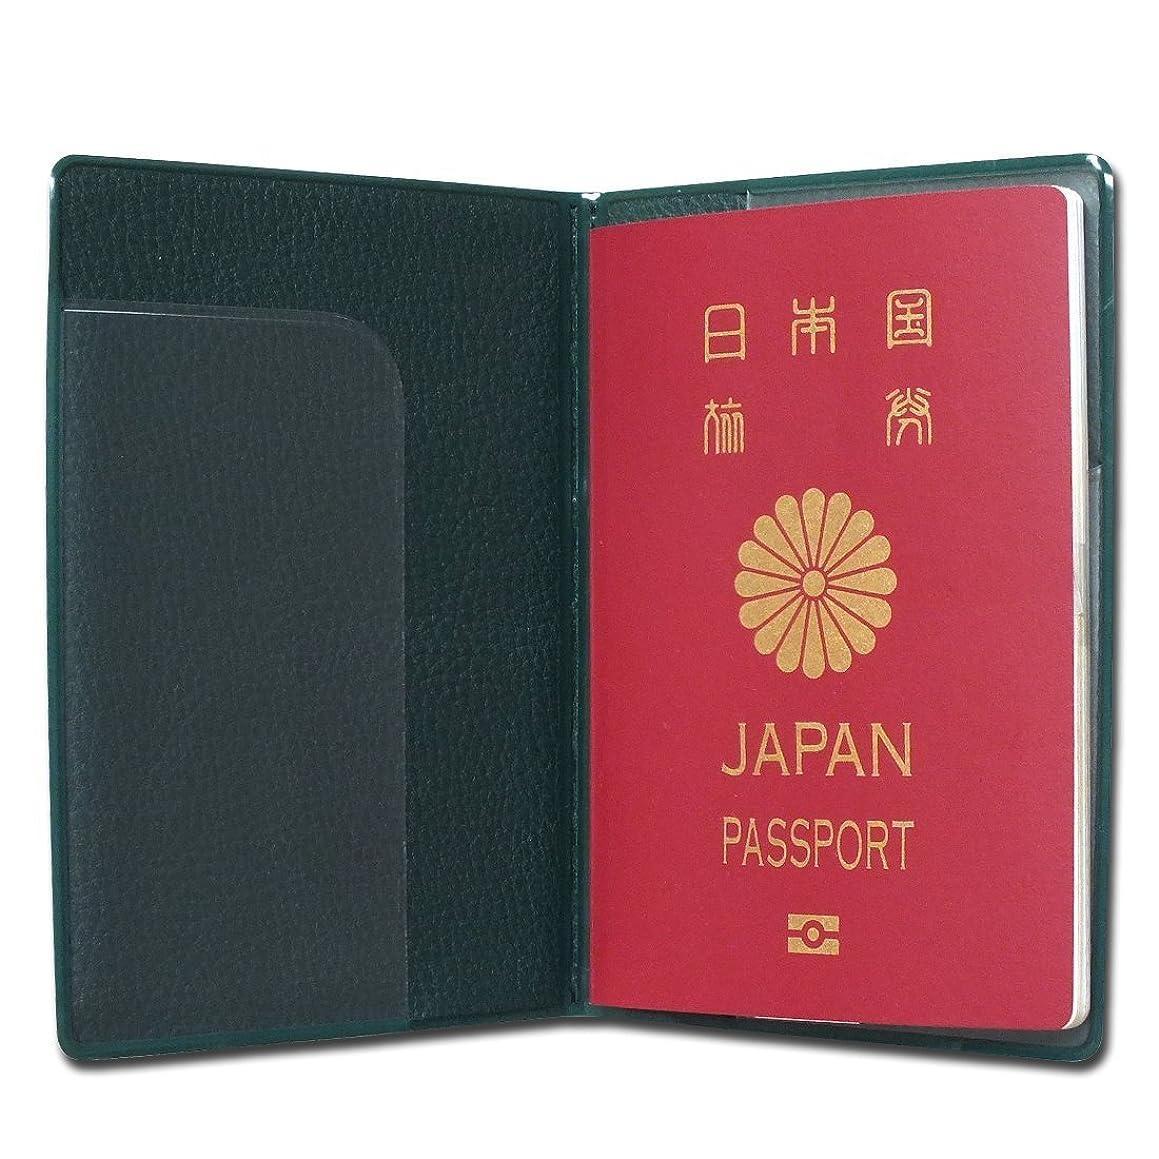 日帰り旅行に非常に怒っています麦芽海外旅行用品にスキミング防止 ICパスポートカバー皮革模様(アッシュグリーン)